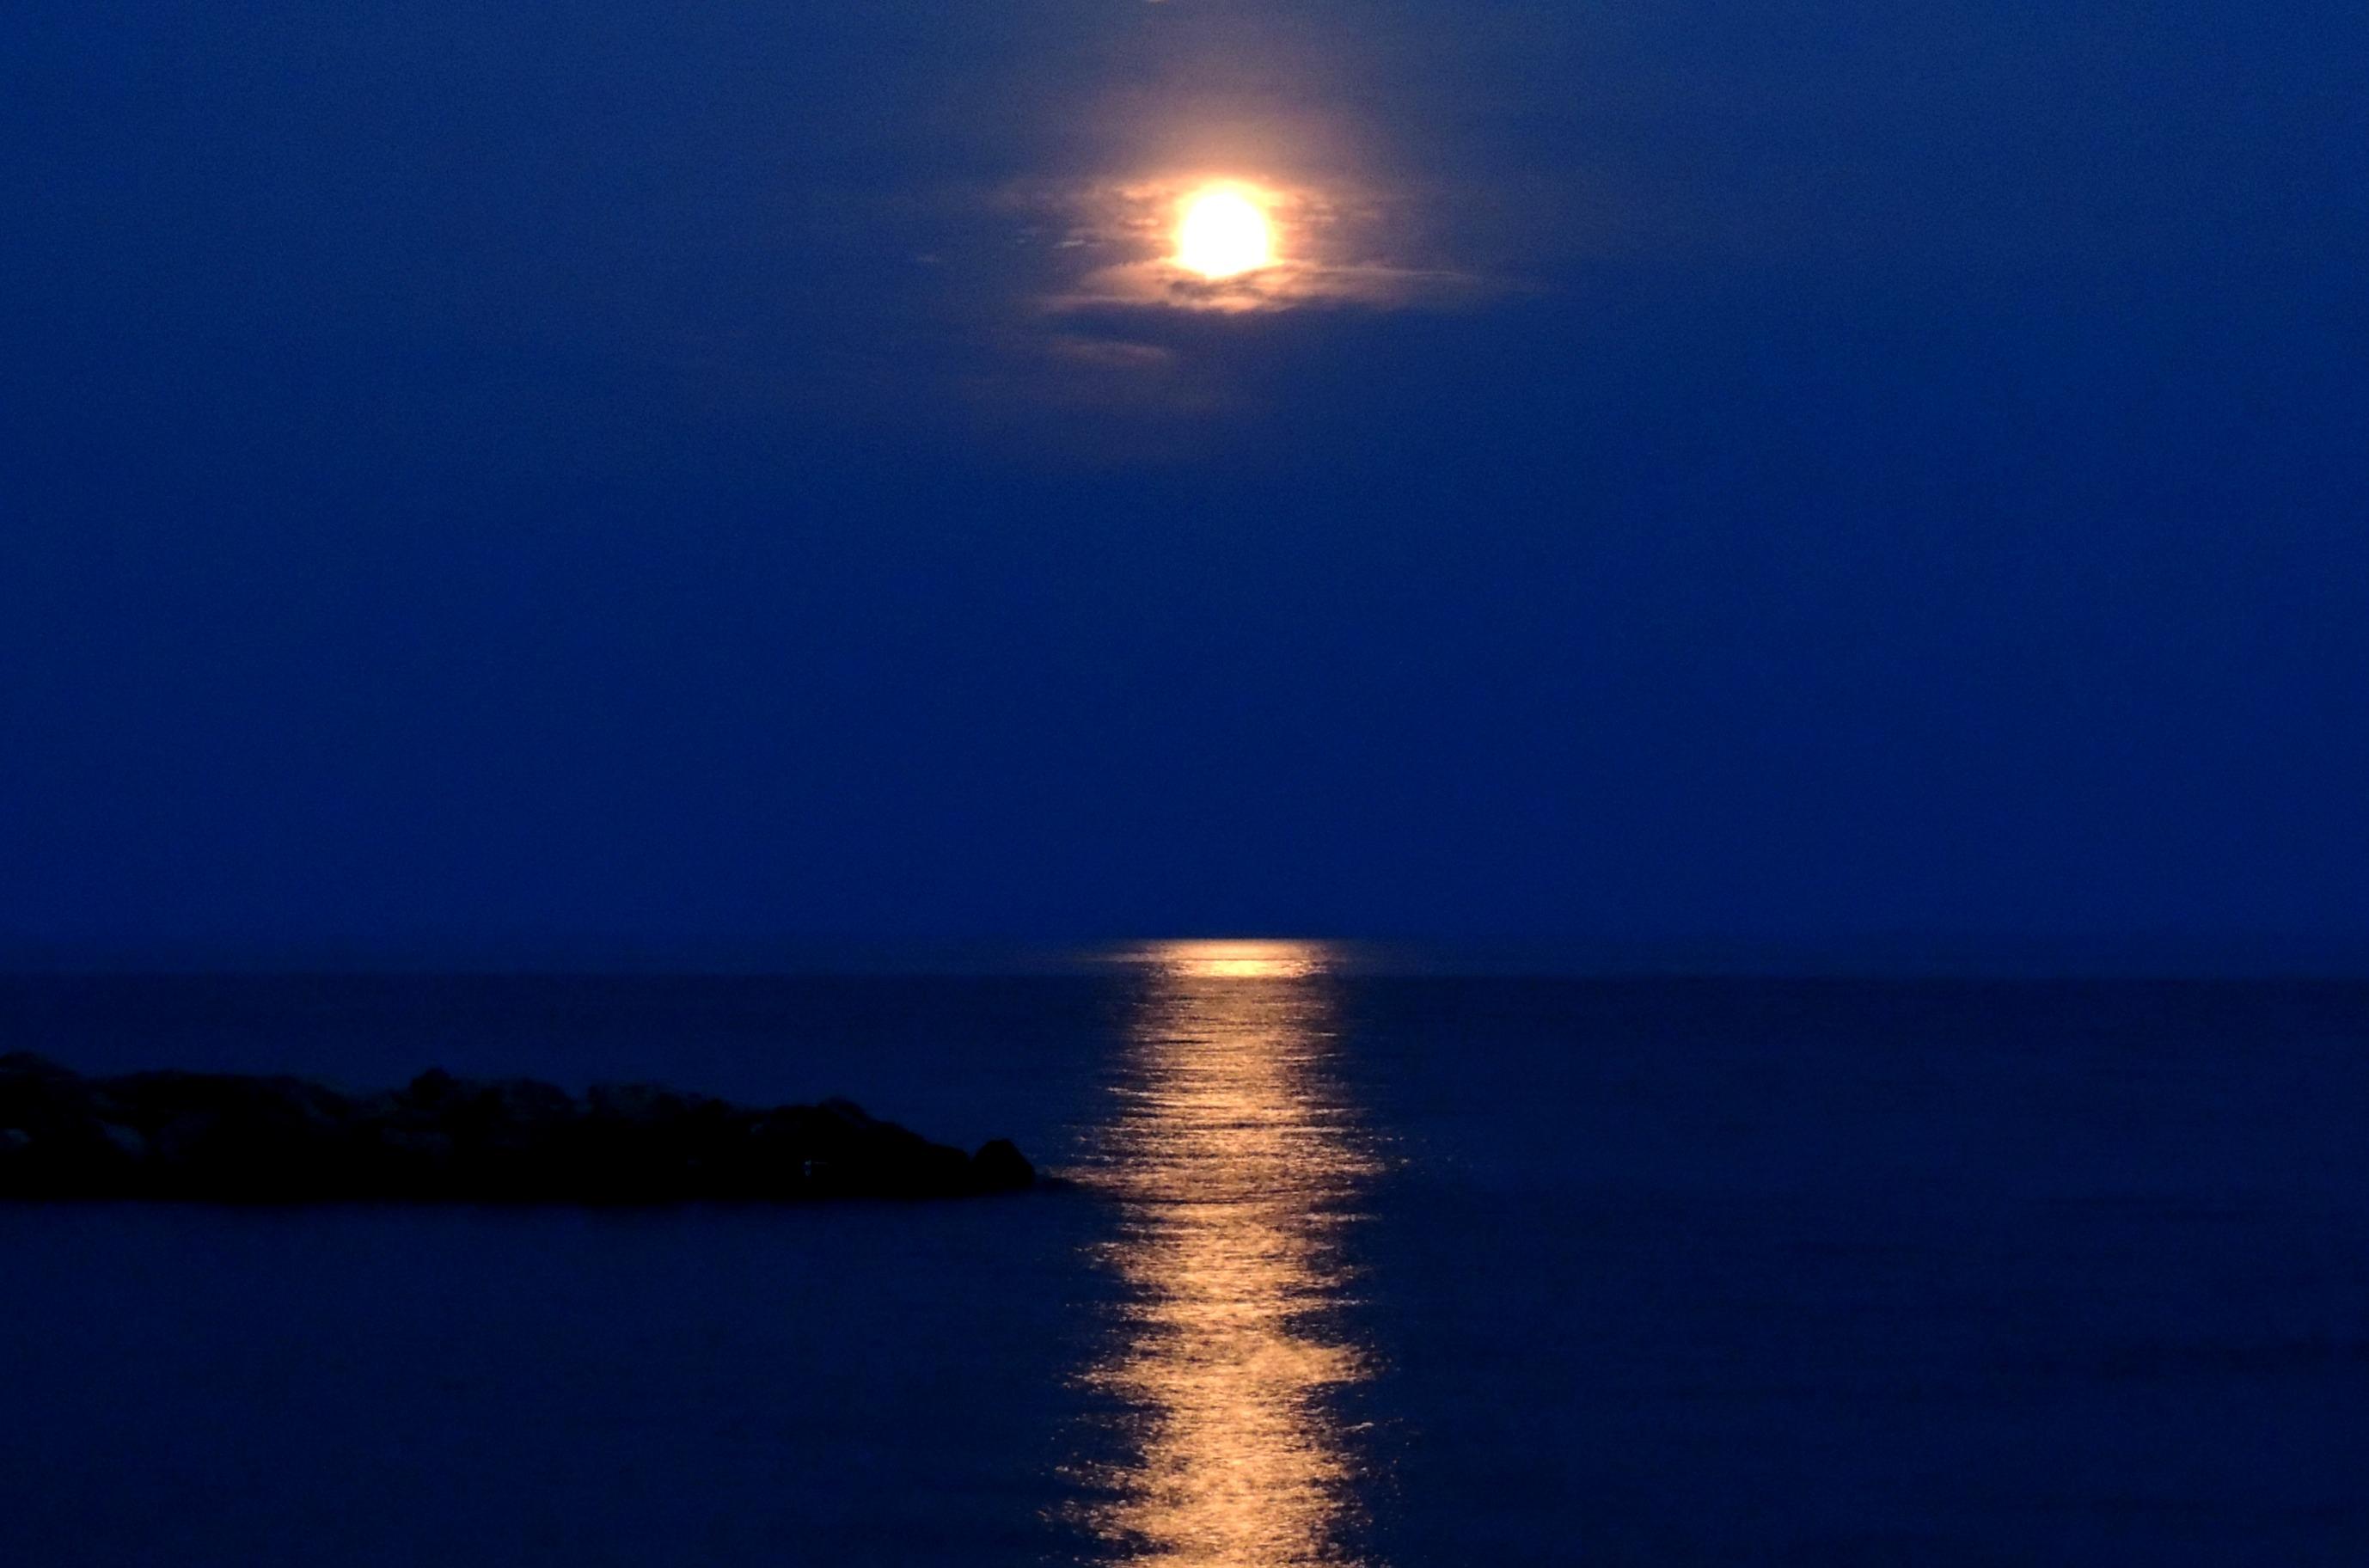 Papel De Parede Horizonte Luar Calma Mar Ceu Reflexao Dia